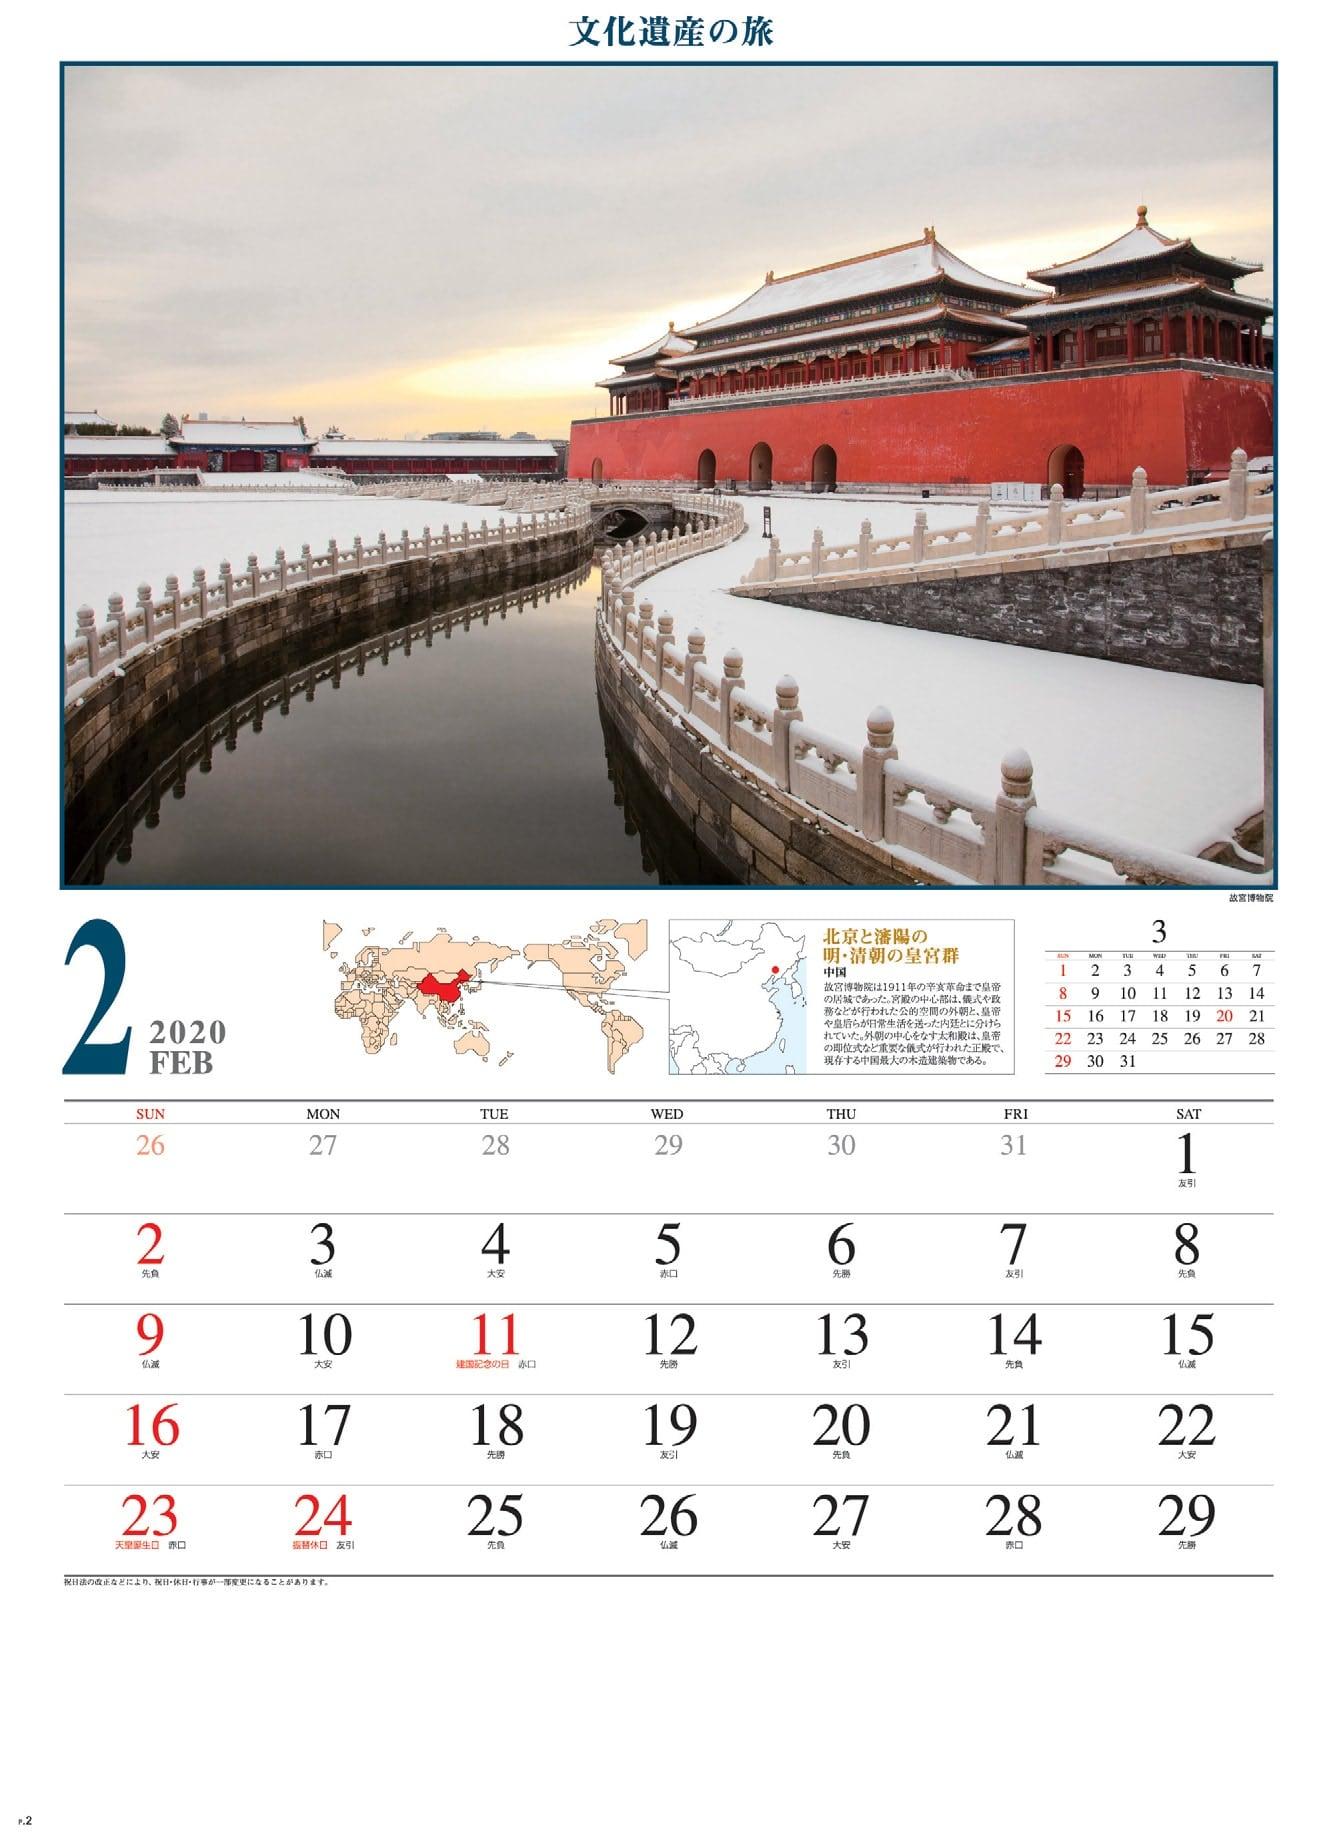 画像:故宮博物館(中国) 文化遺産の旅(ユネスコ世界遺産) 2020年カレンダー